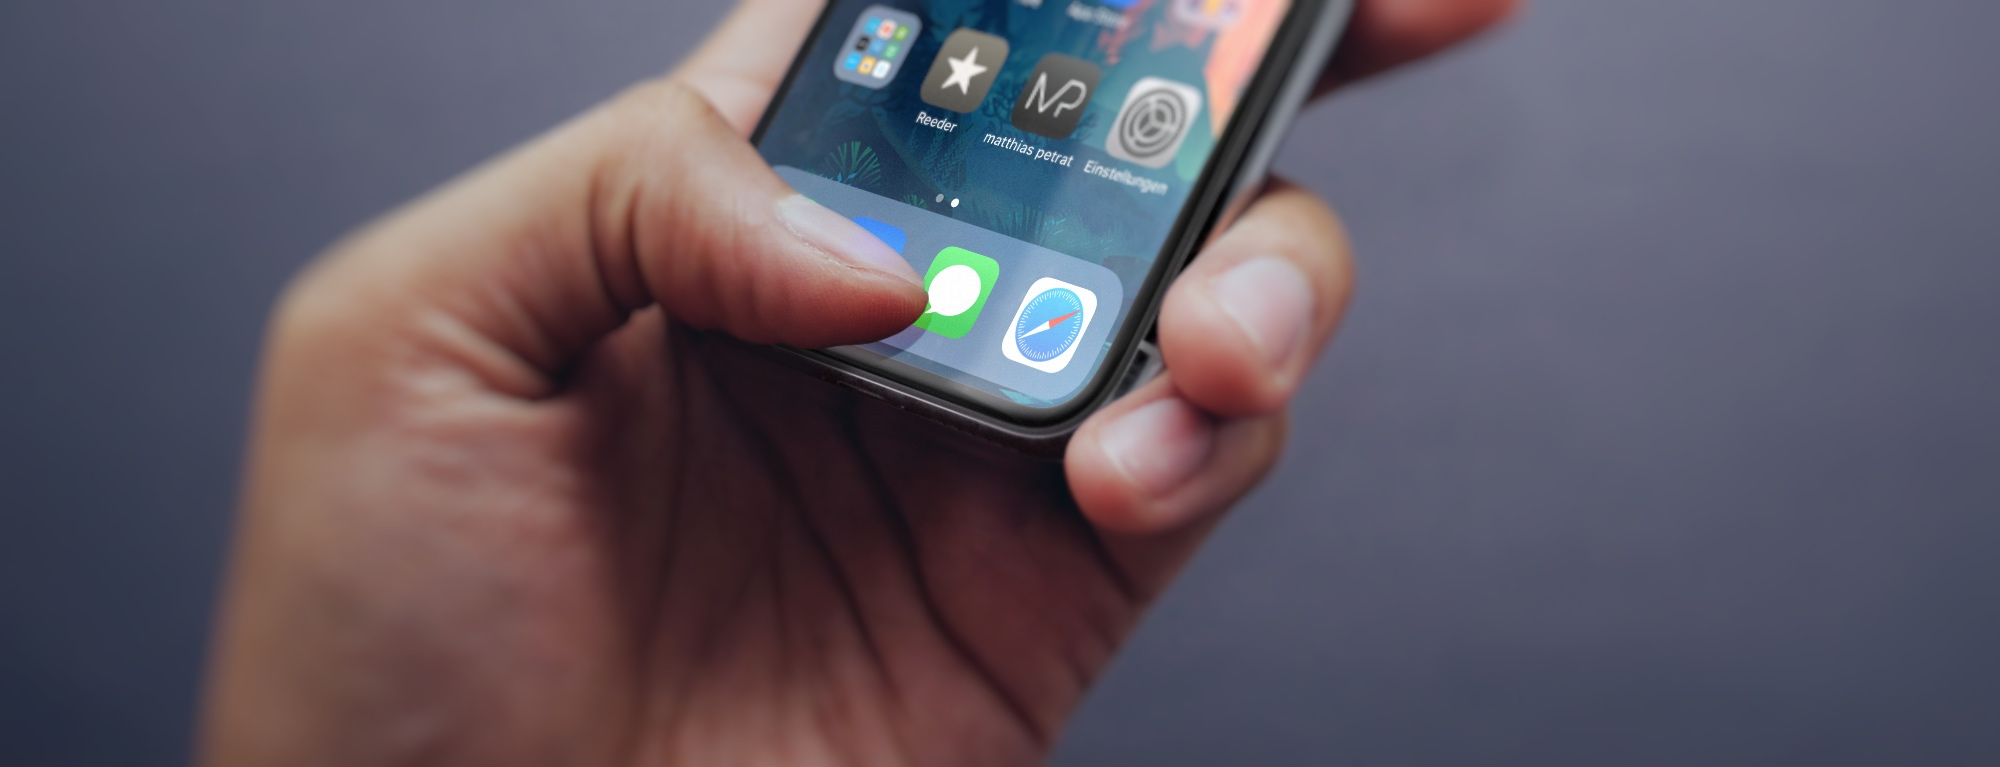 iMessage-as-a-Service-Artikelbild Wie viel Smartphone ist eigentlich gut für uns?